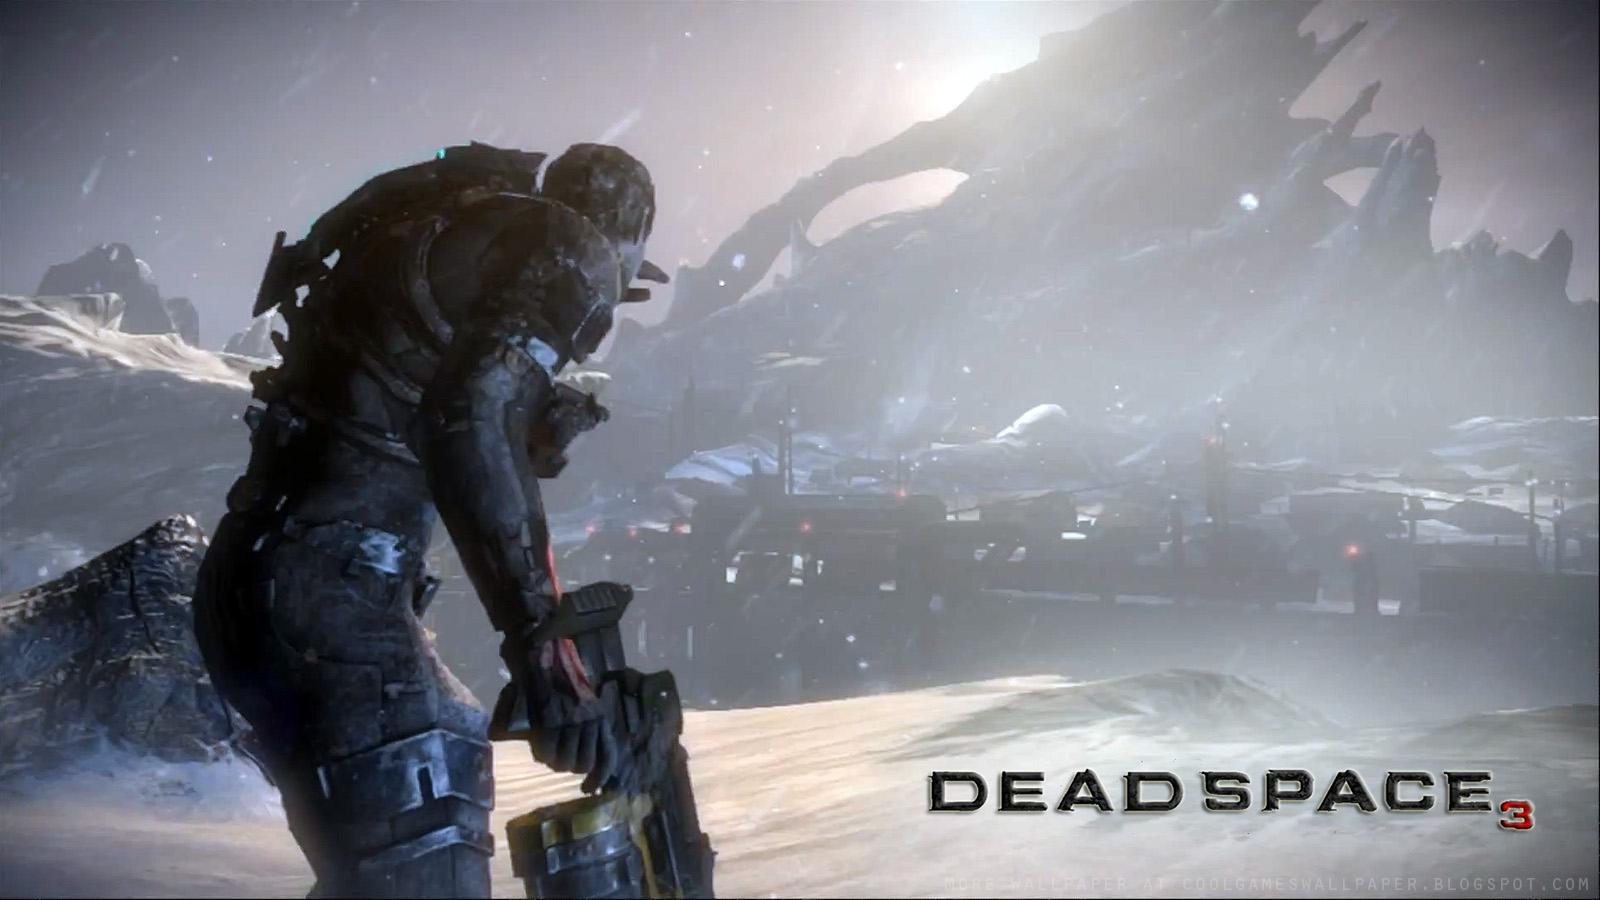 Dead Space 3 Desktop Wallpapers 2 - Cool Games Wallpaper